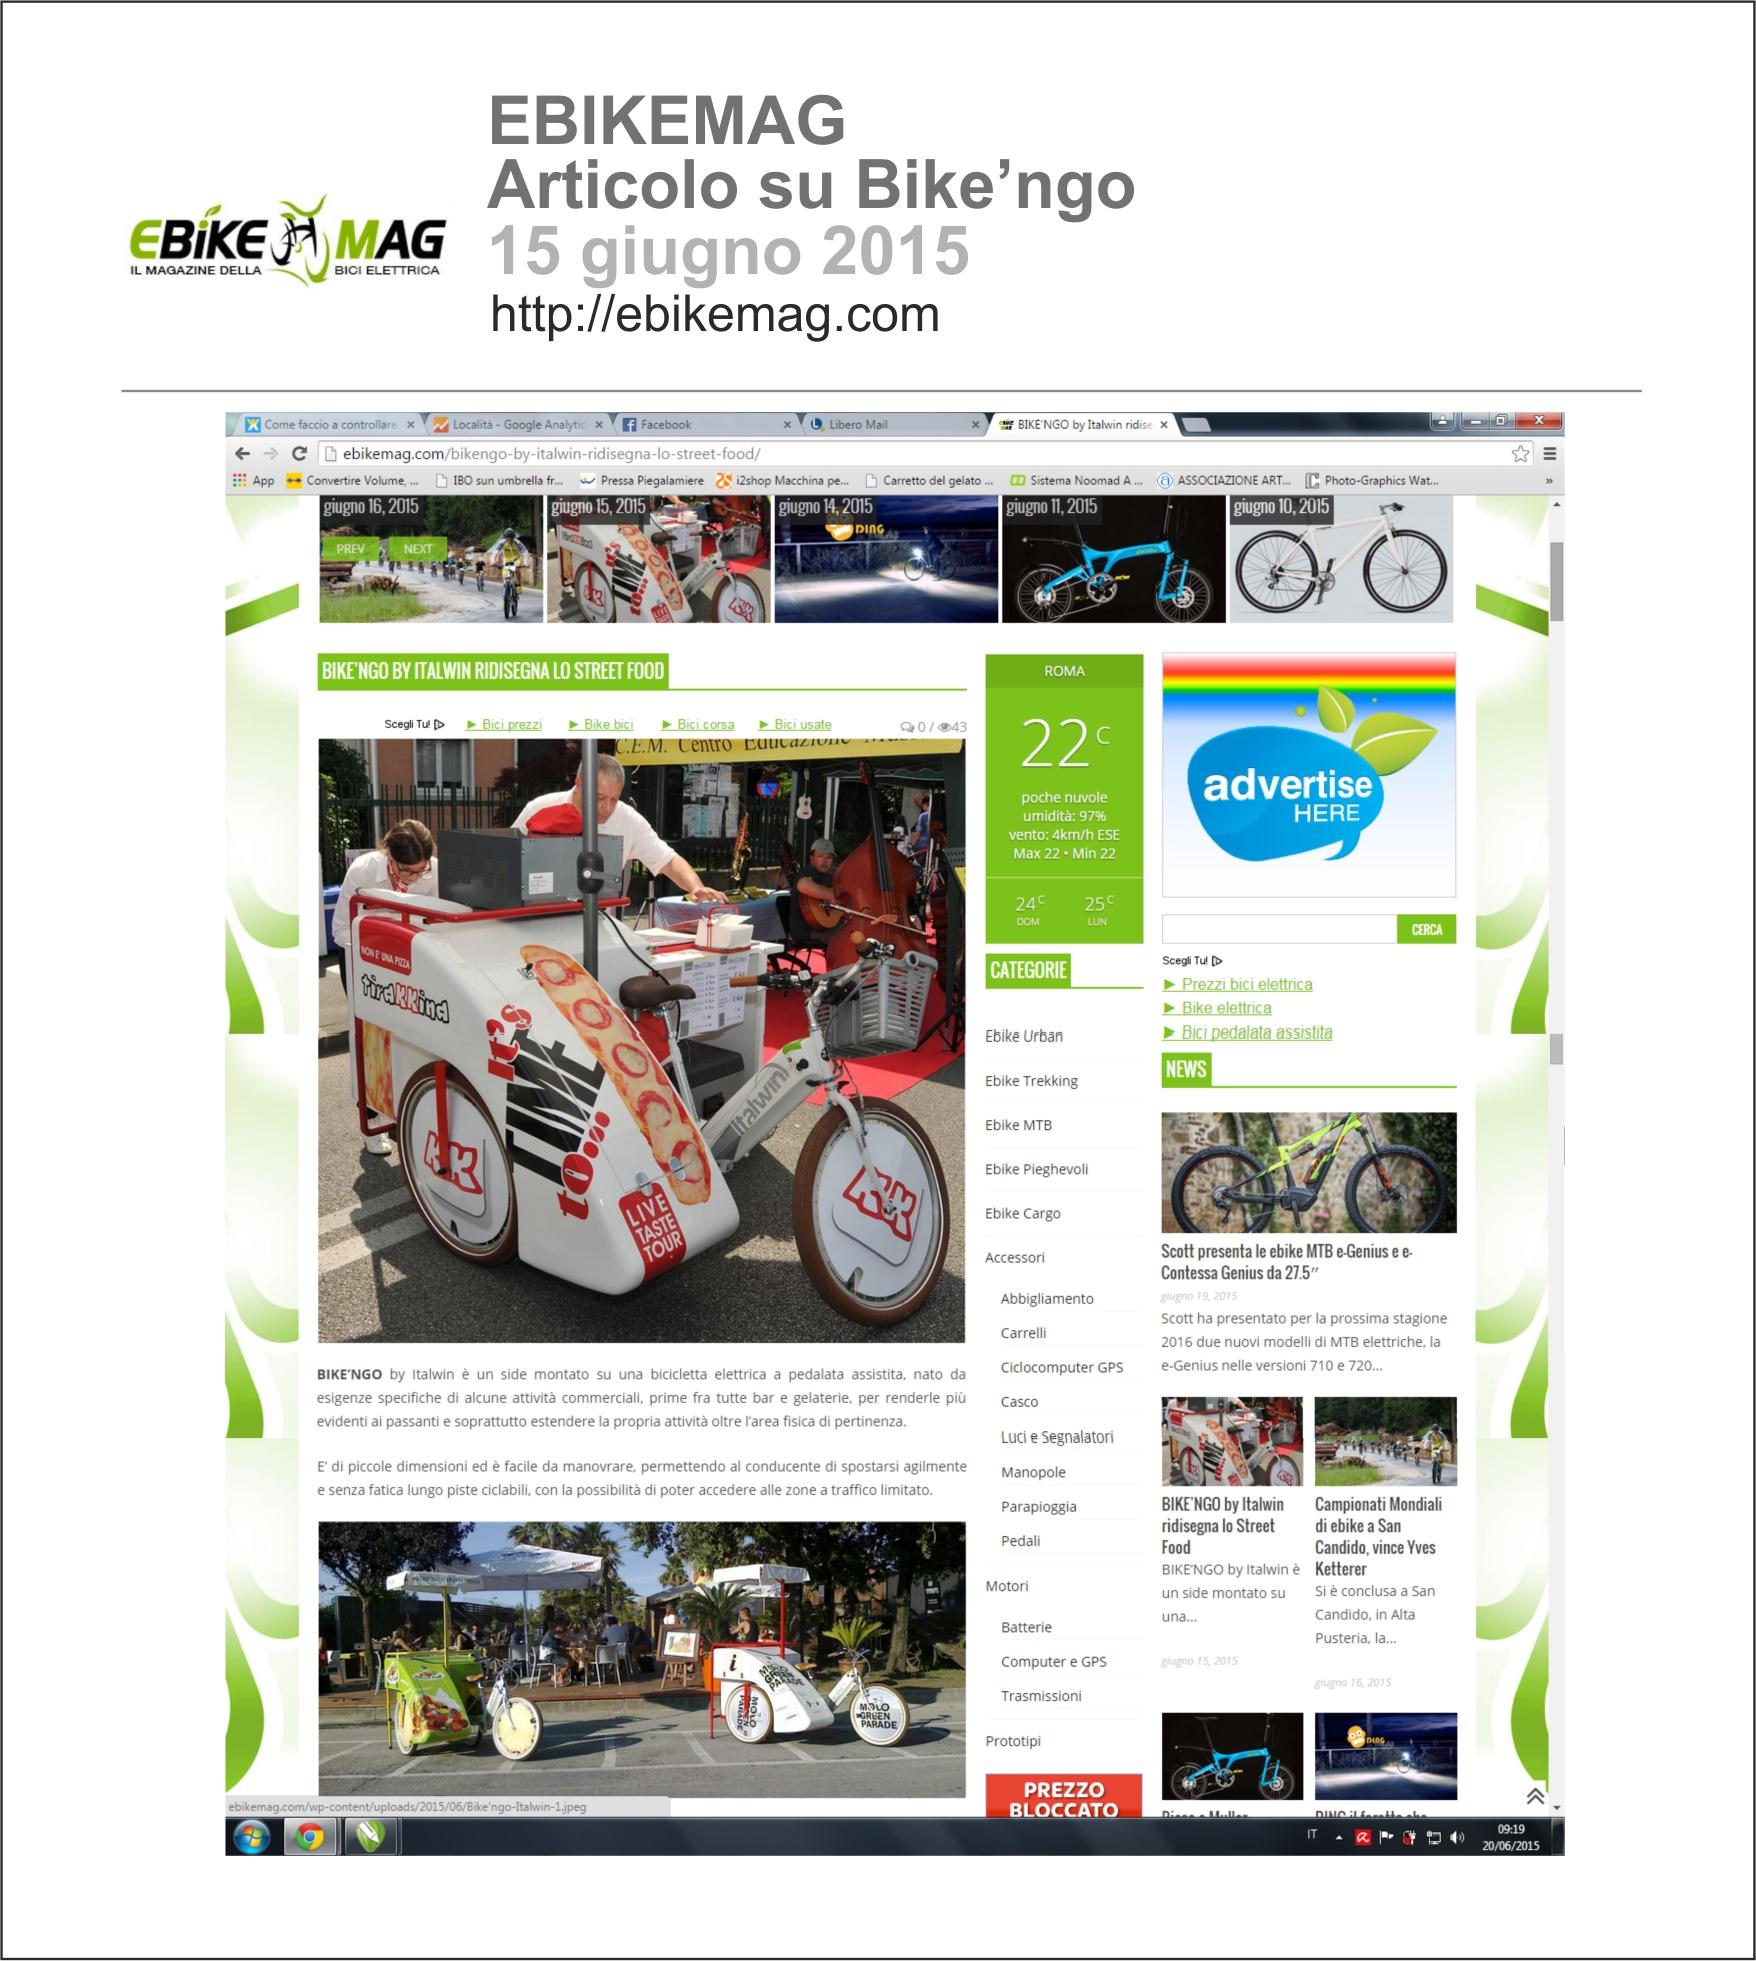 Ebikemag.com